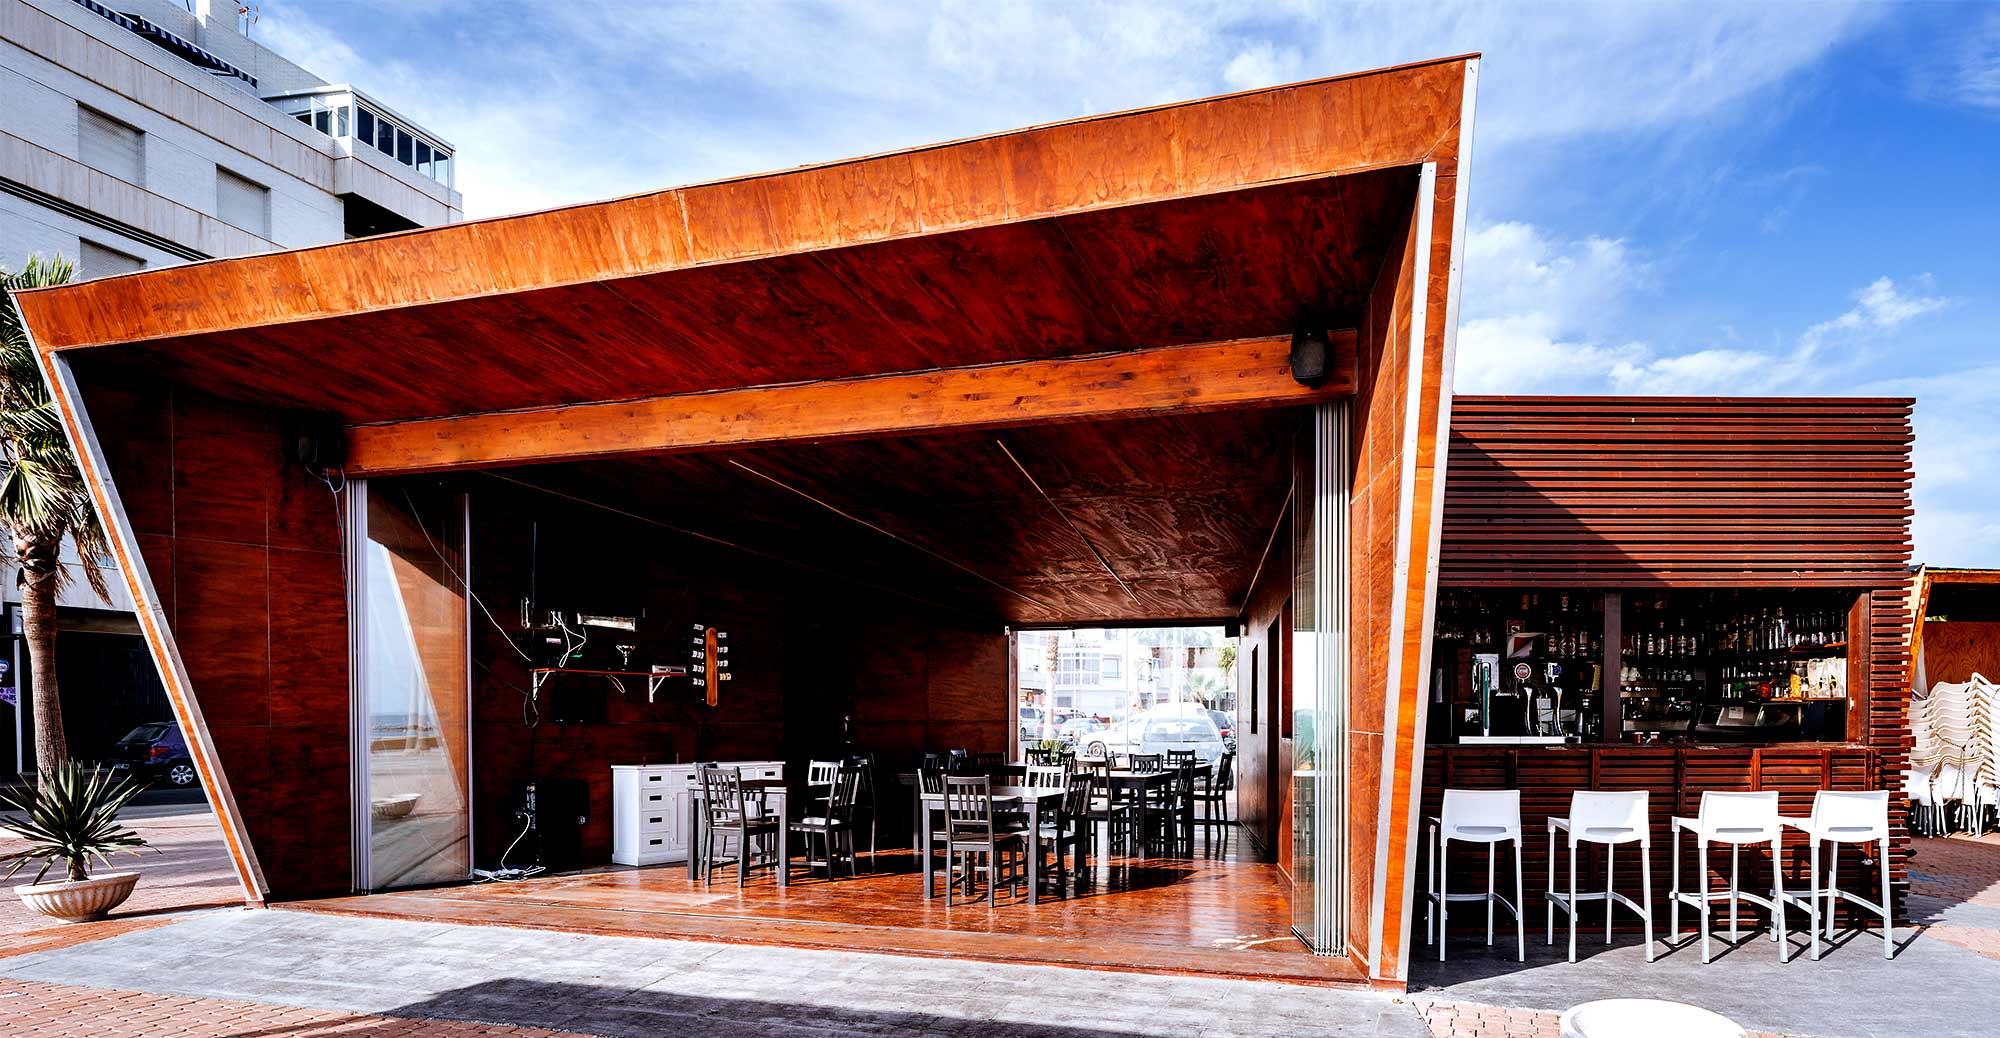 Xiringoscopio_-Adra_-Arquitectura-_-EXarchitects_08